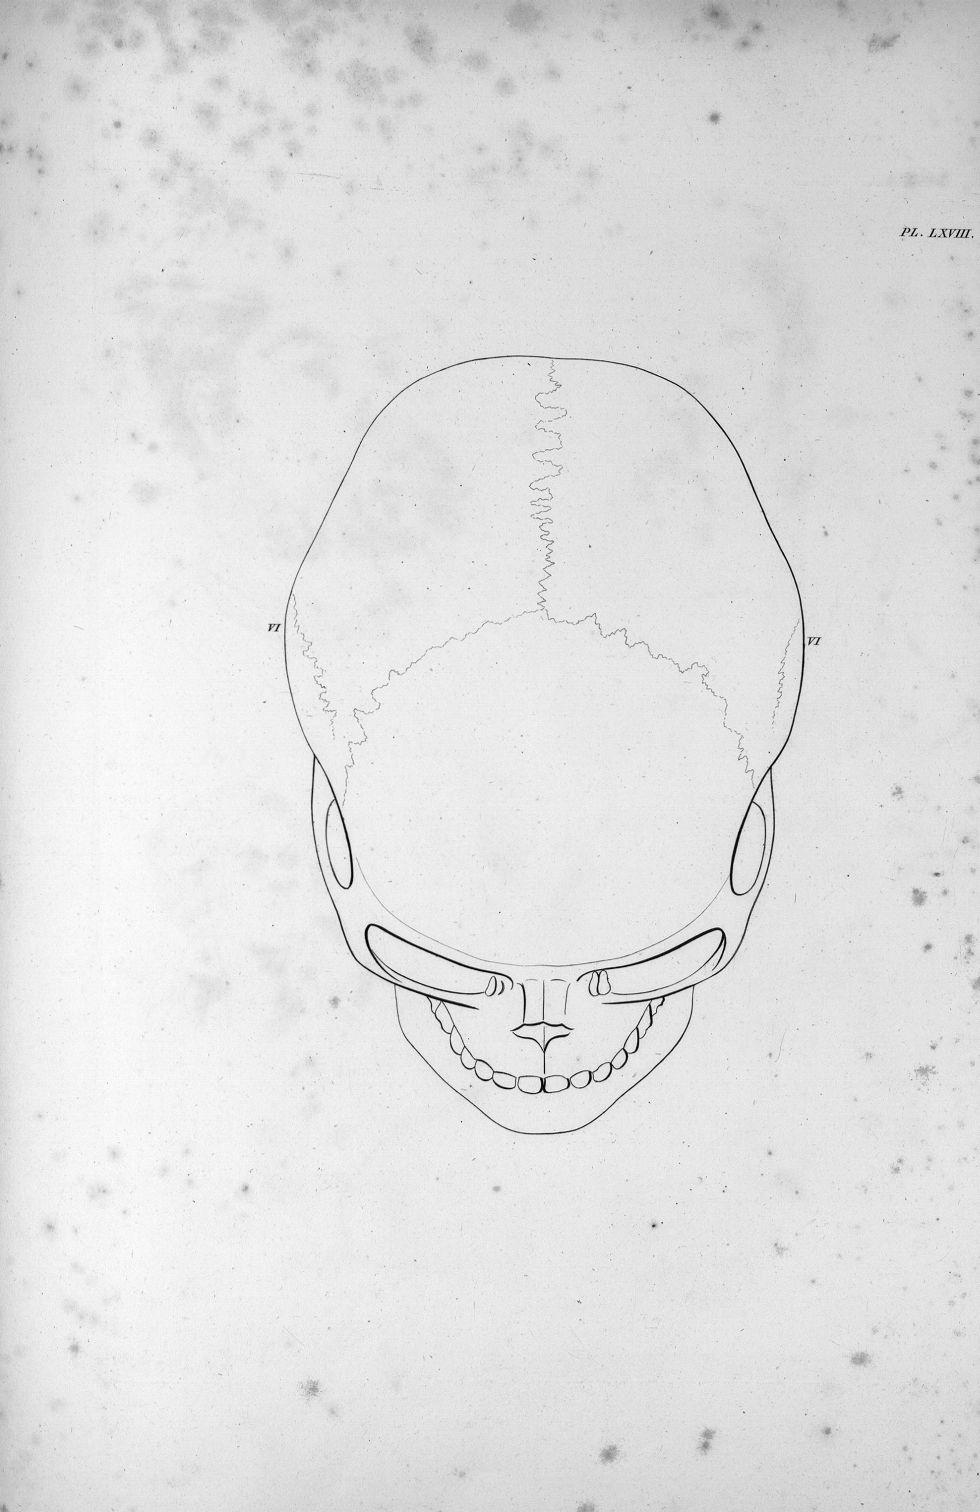 Pl. LXVIII. Crâne de la meurtrière Albert de Moulins - Anatomie et physiologie du système nerveux en [...] - Anatomie. Neurologie. Crânes. Phrénologie. 19e siècle (France) - med00575x03x0323